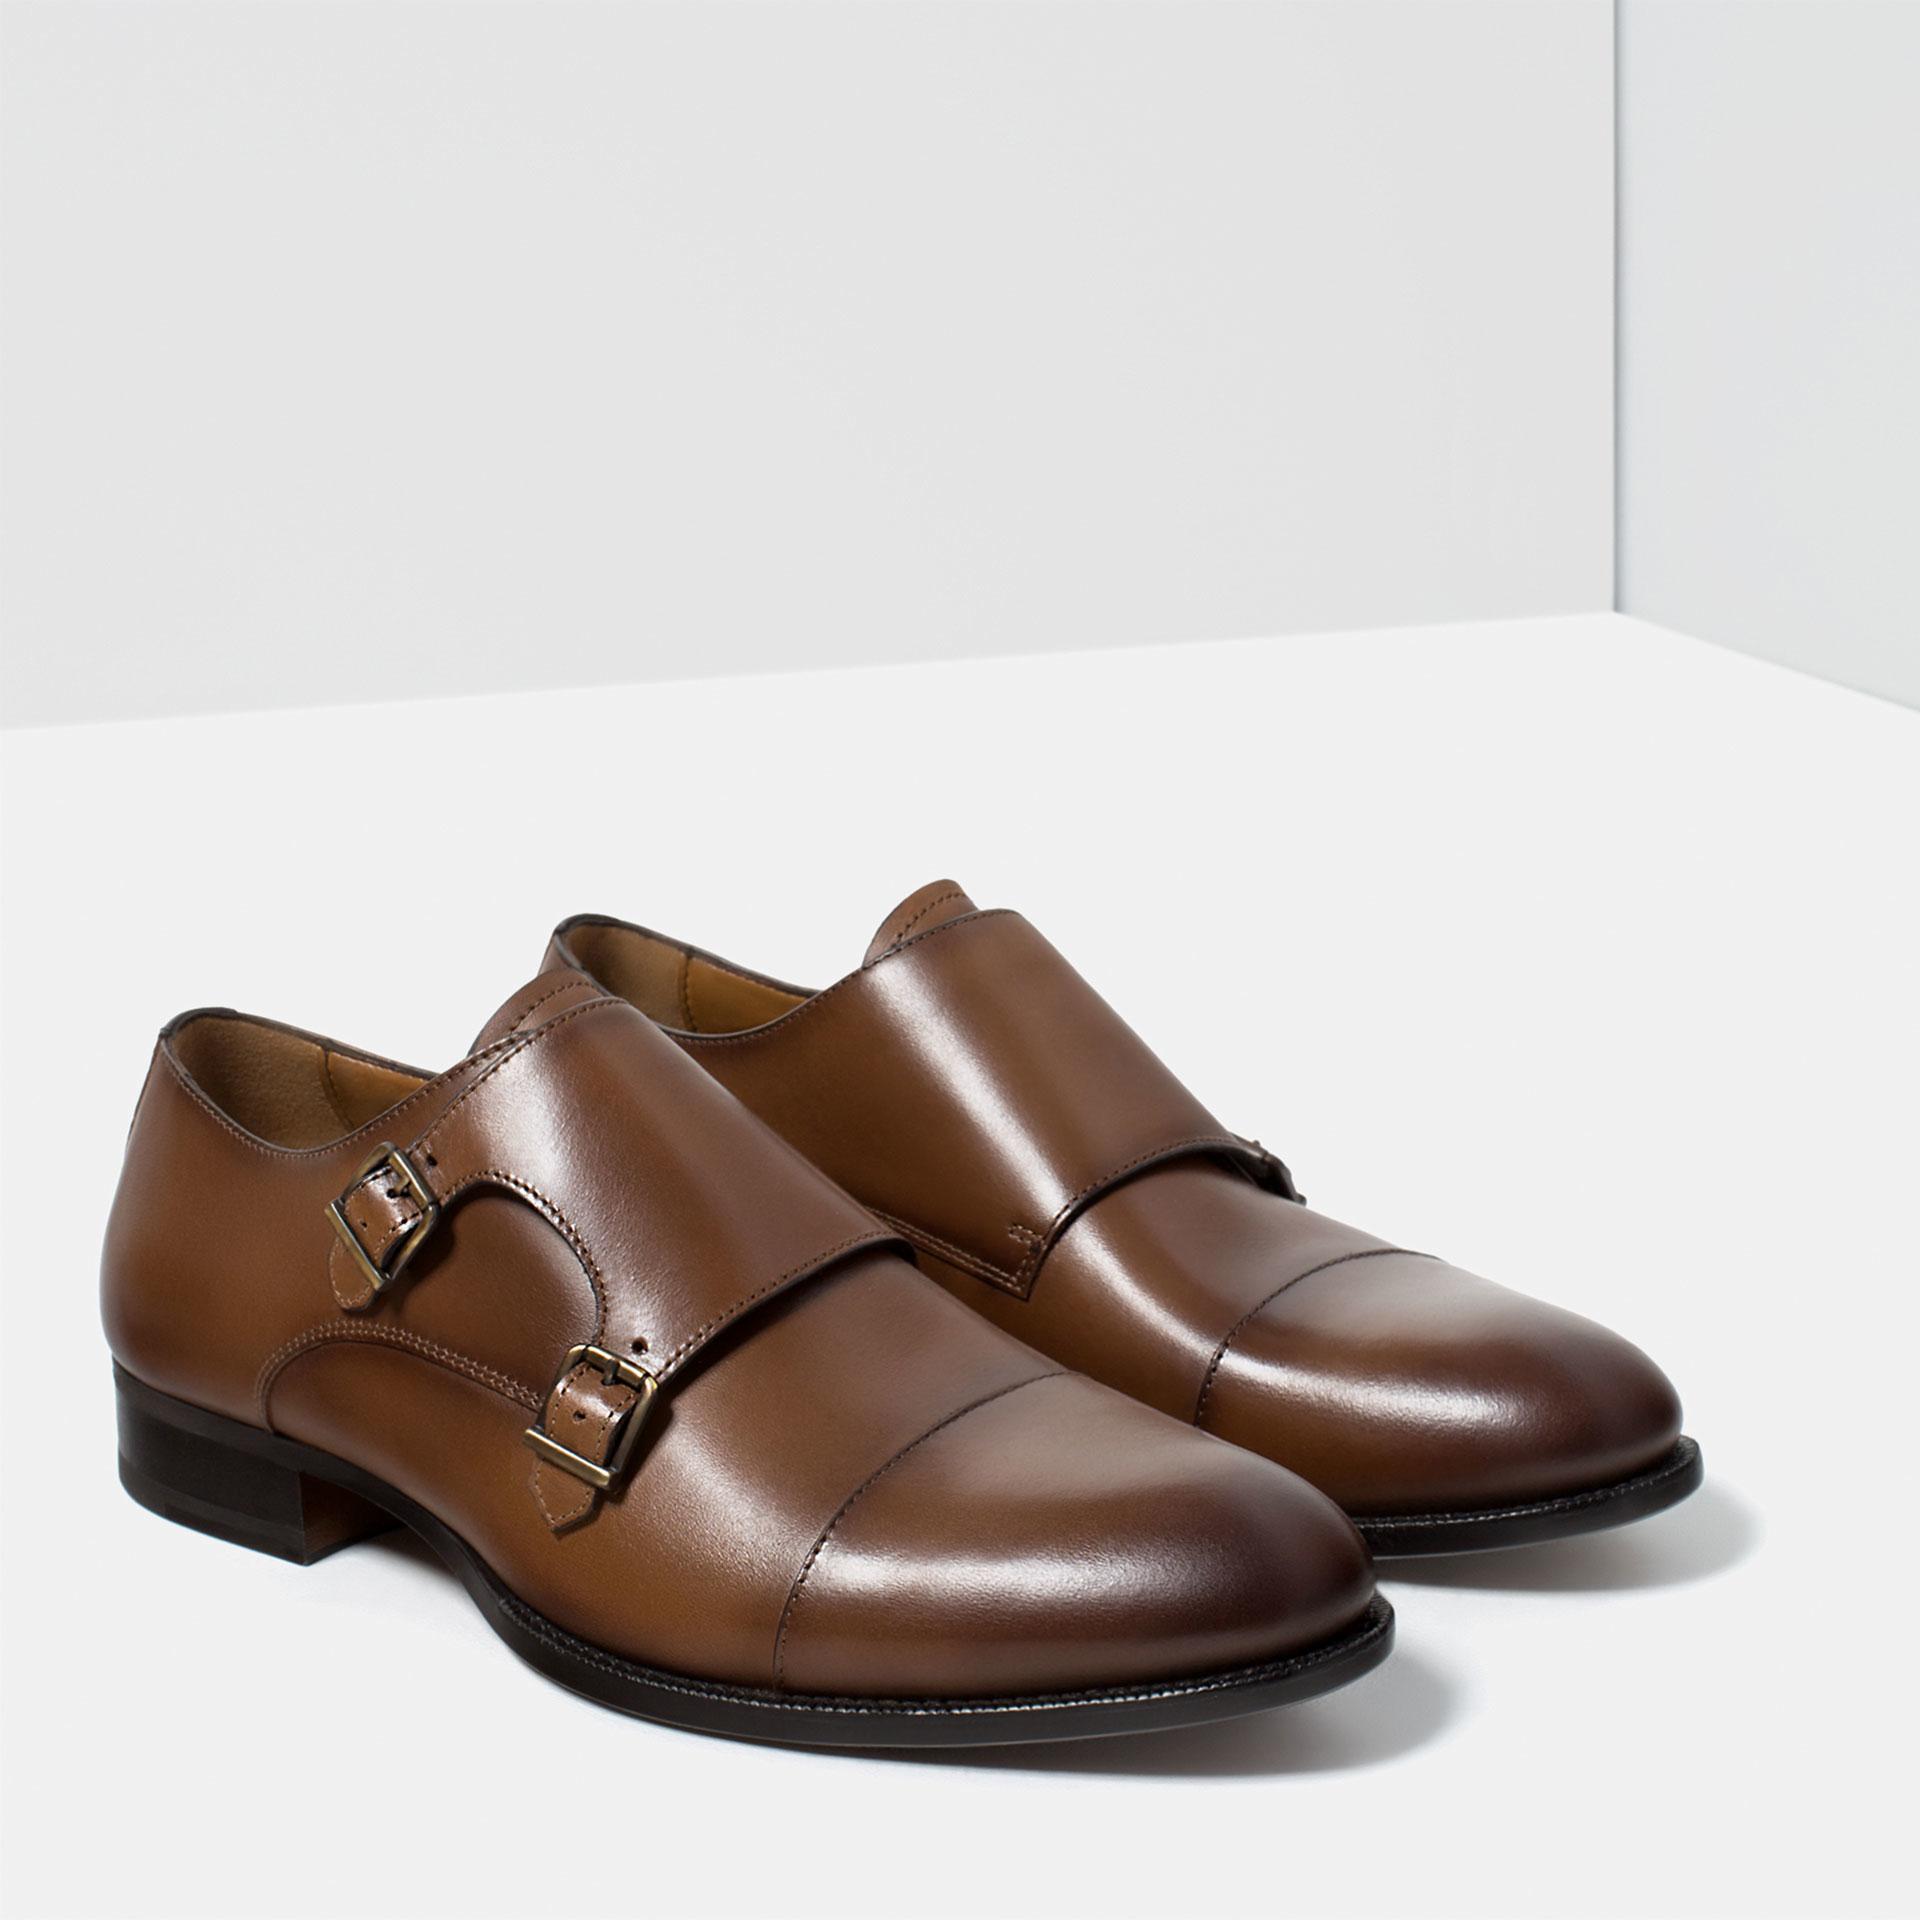 Zara Brown Monk Shoes